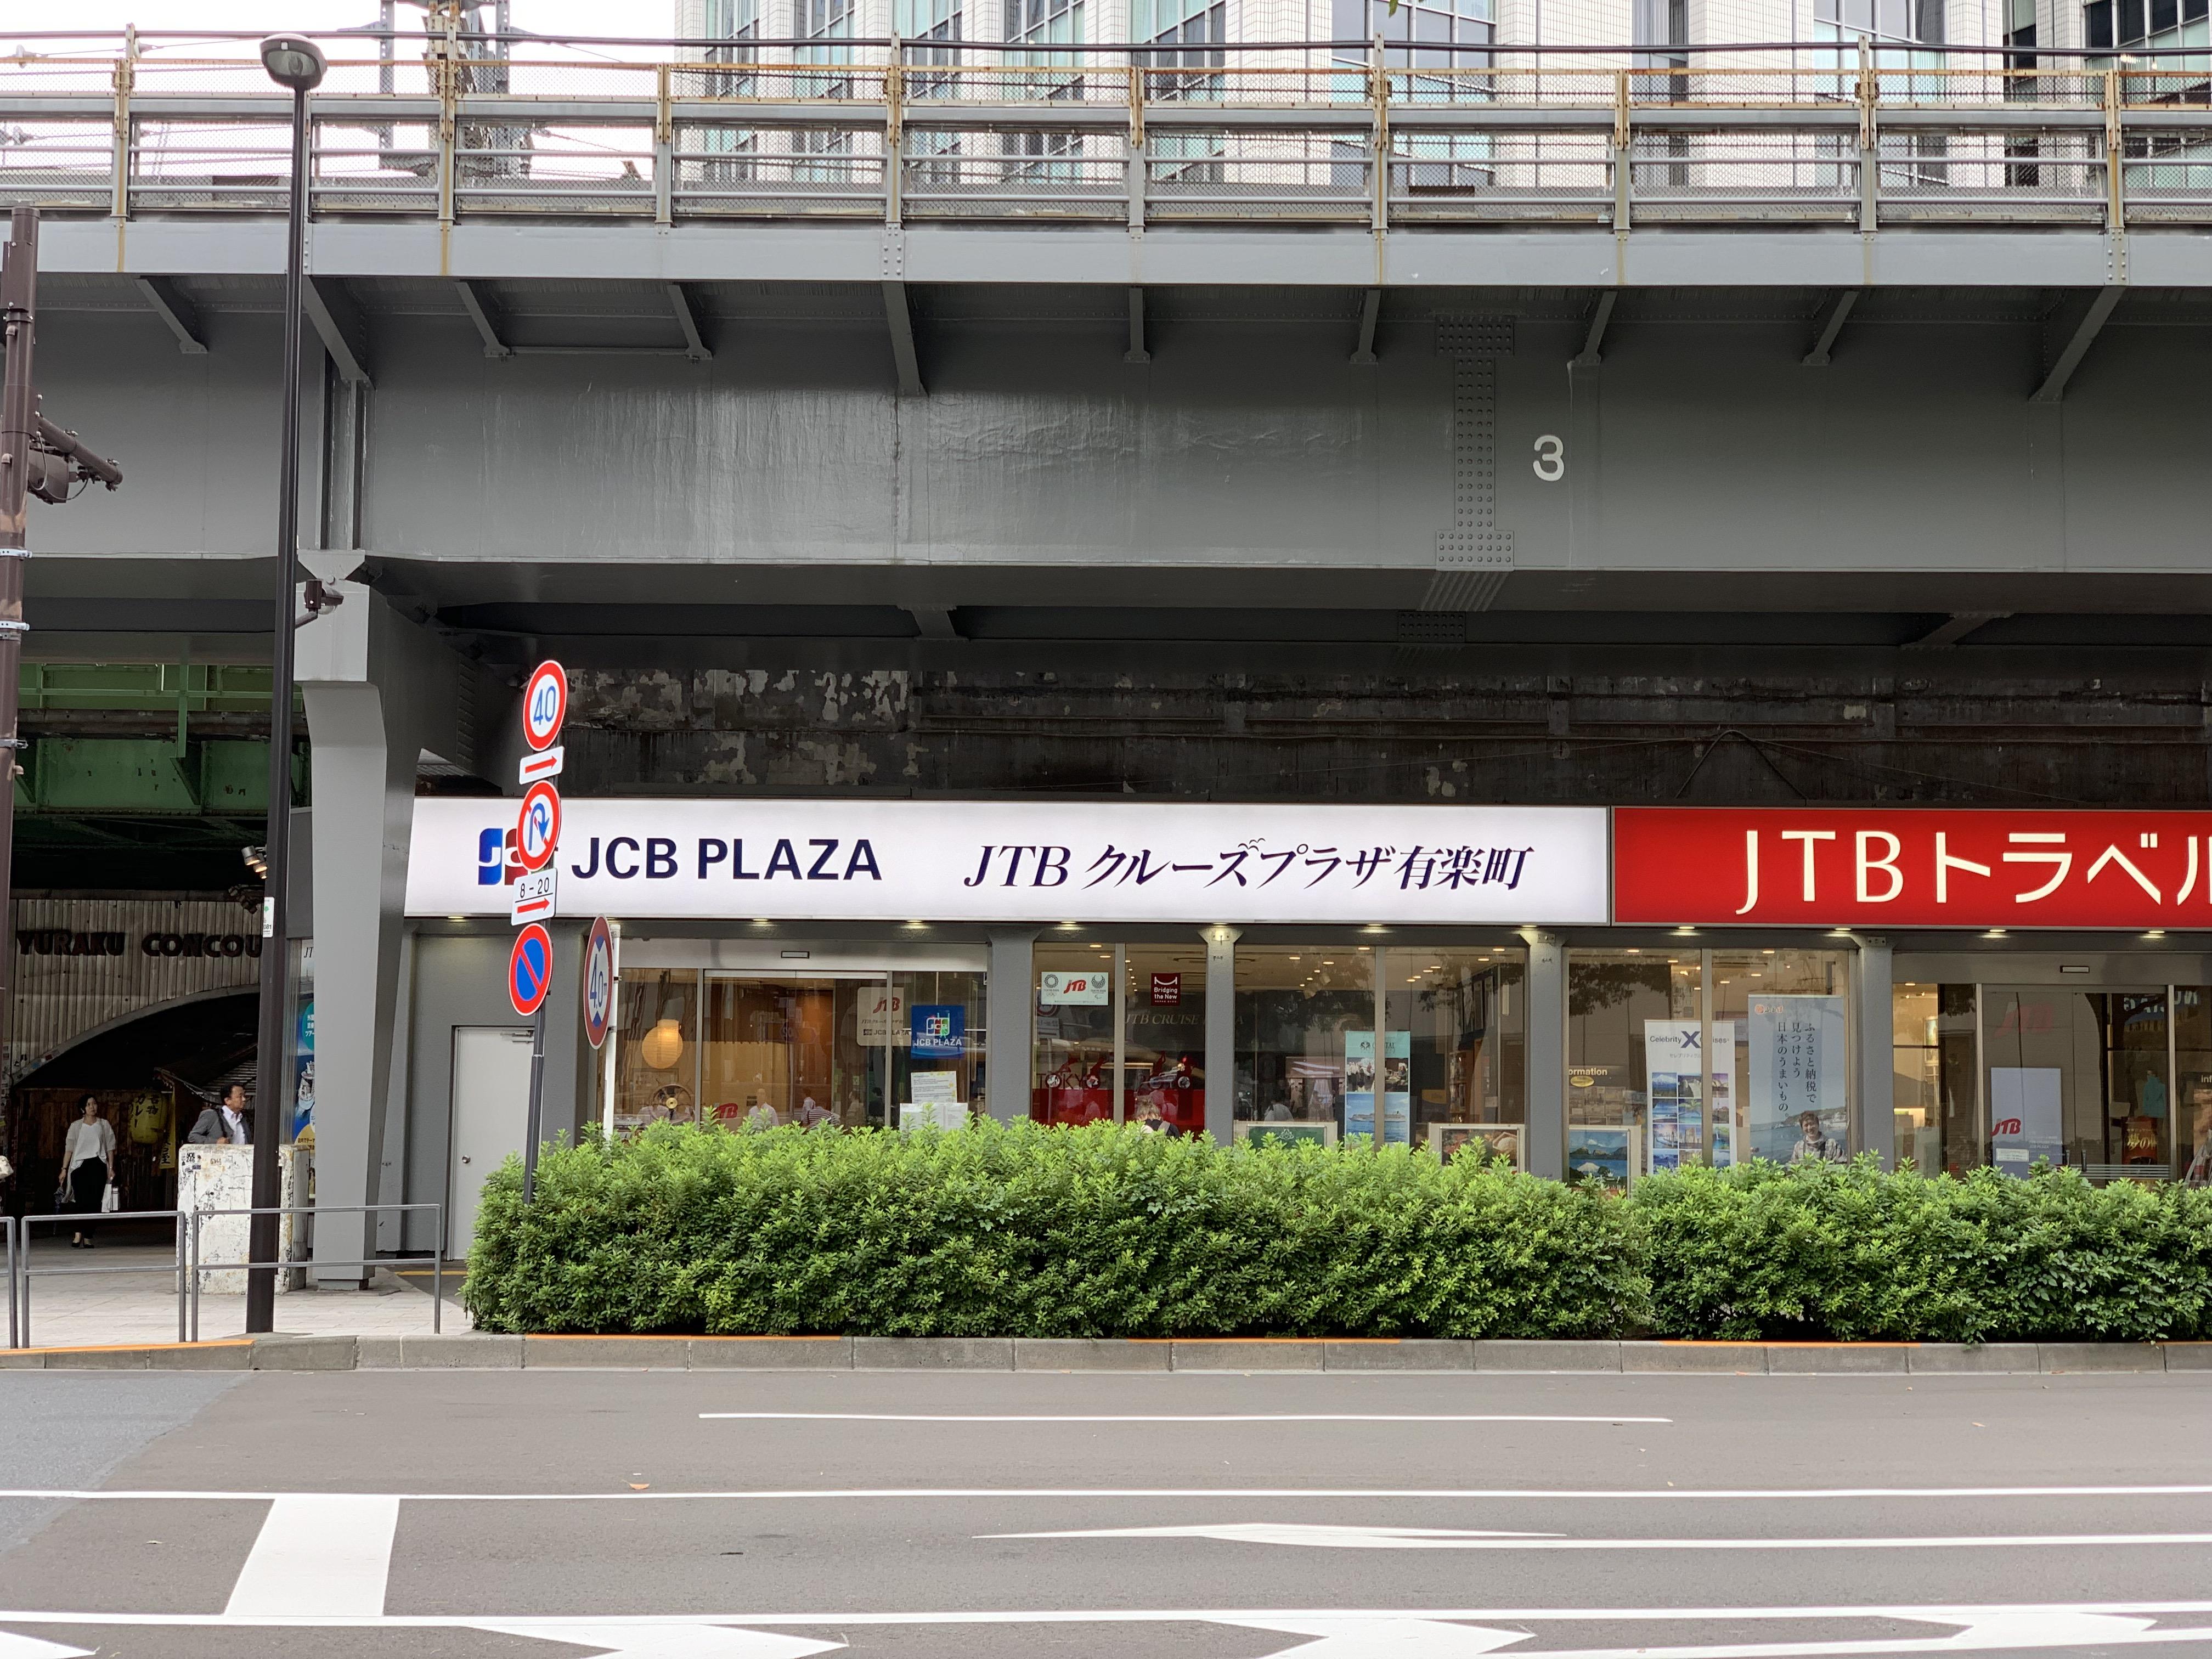 JTBクルーズプラザ